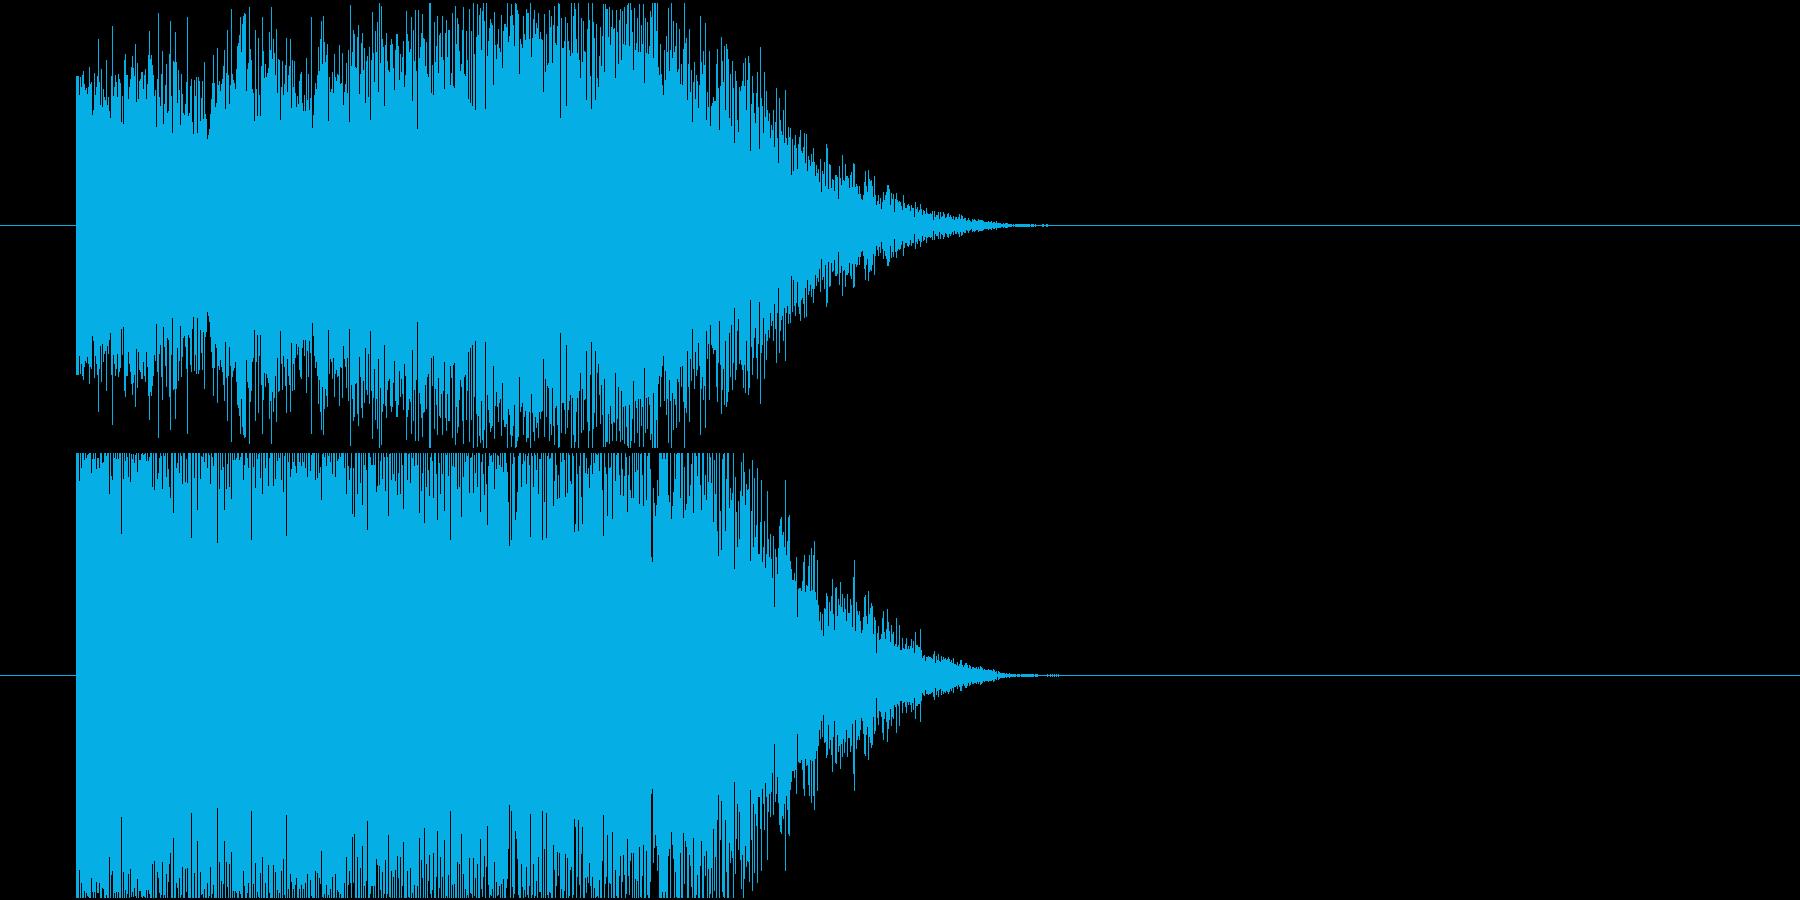 金属系インパクトの再生済みの波形